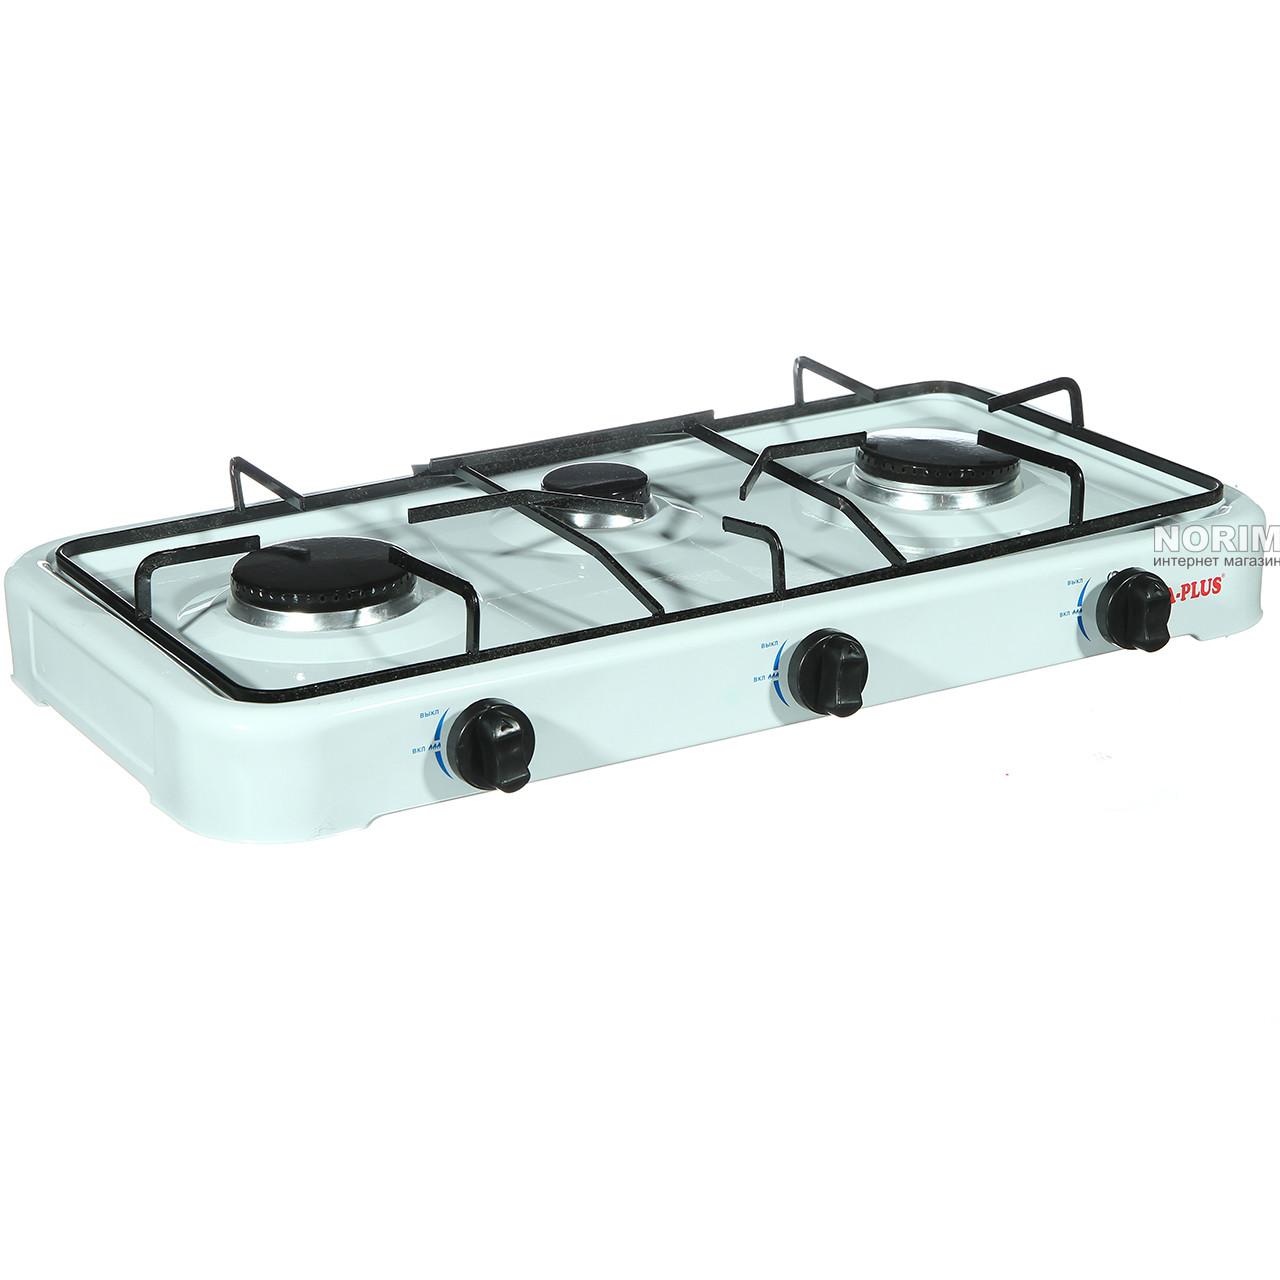 Купить Кухонные плиты бытовые, Газовая плита A-PLUS 3 конфорки (2107)